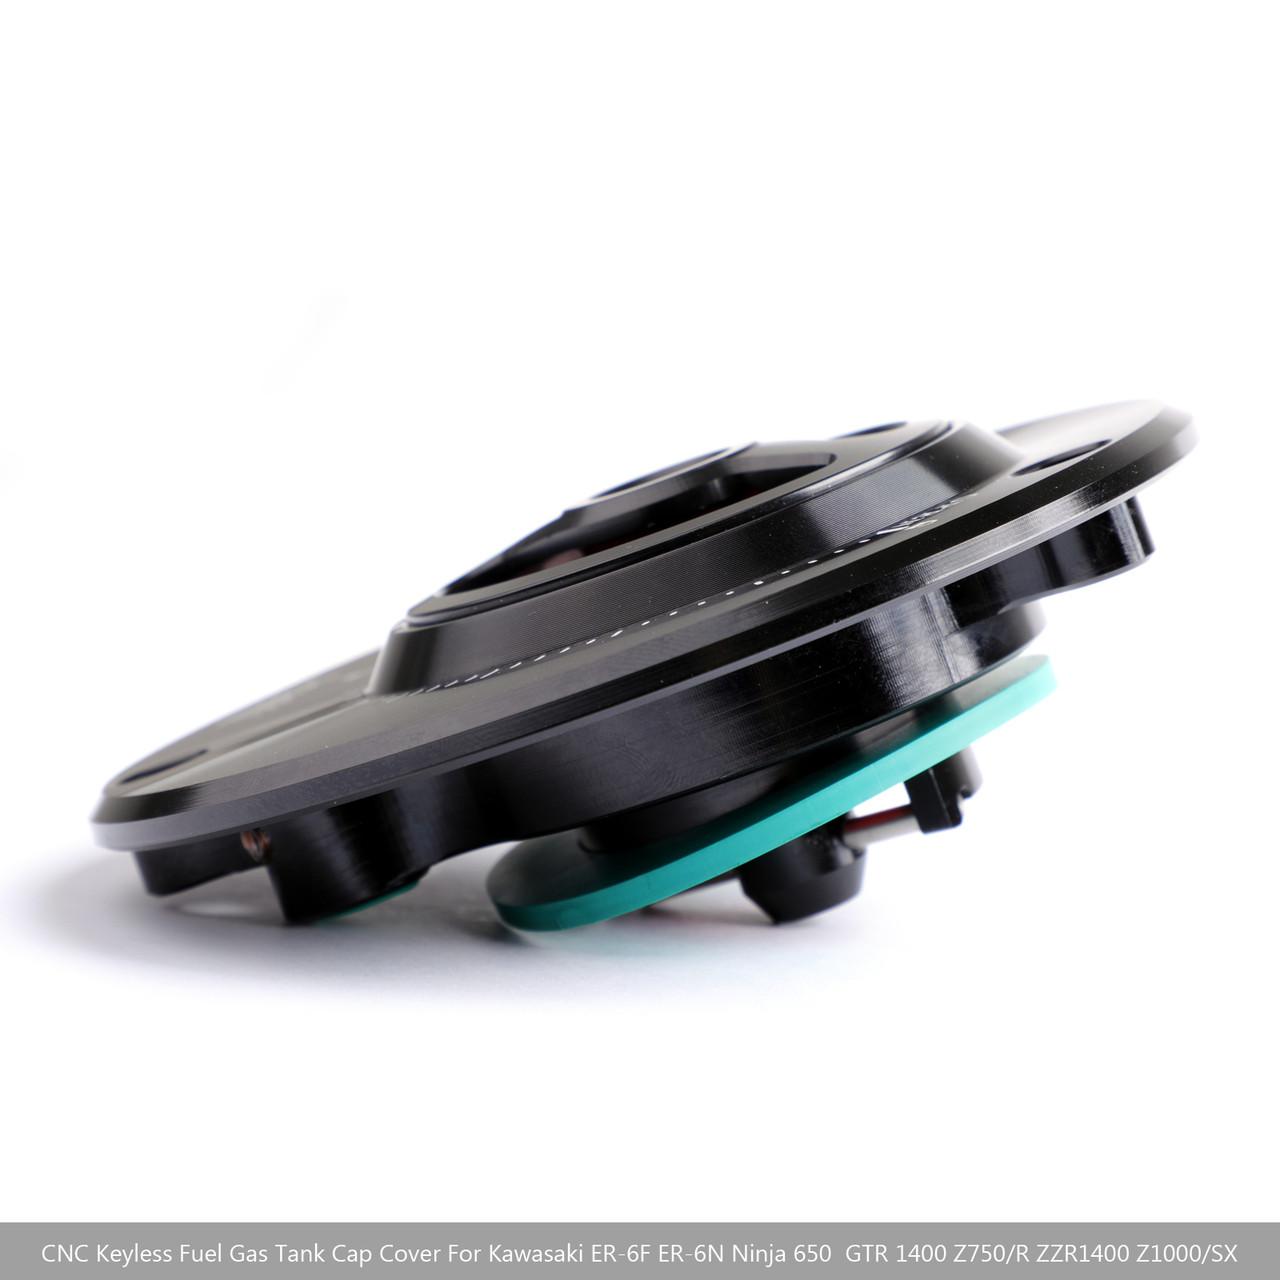 CNC Keyless Fuel Gas Tank Cap For Kawasaki Z750 Z750R 07-16 Z800 13-16 Z1000 Z1000SX 10+ Black